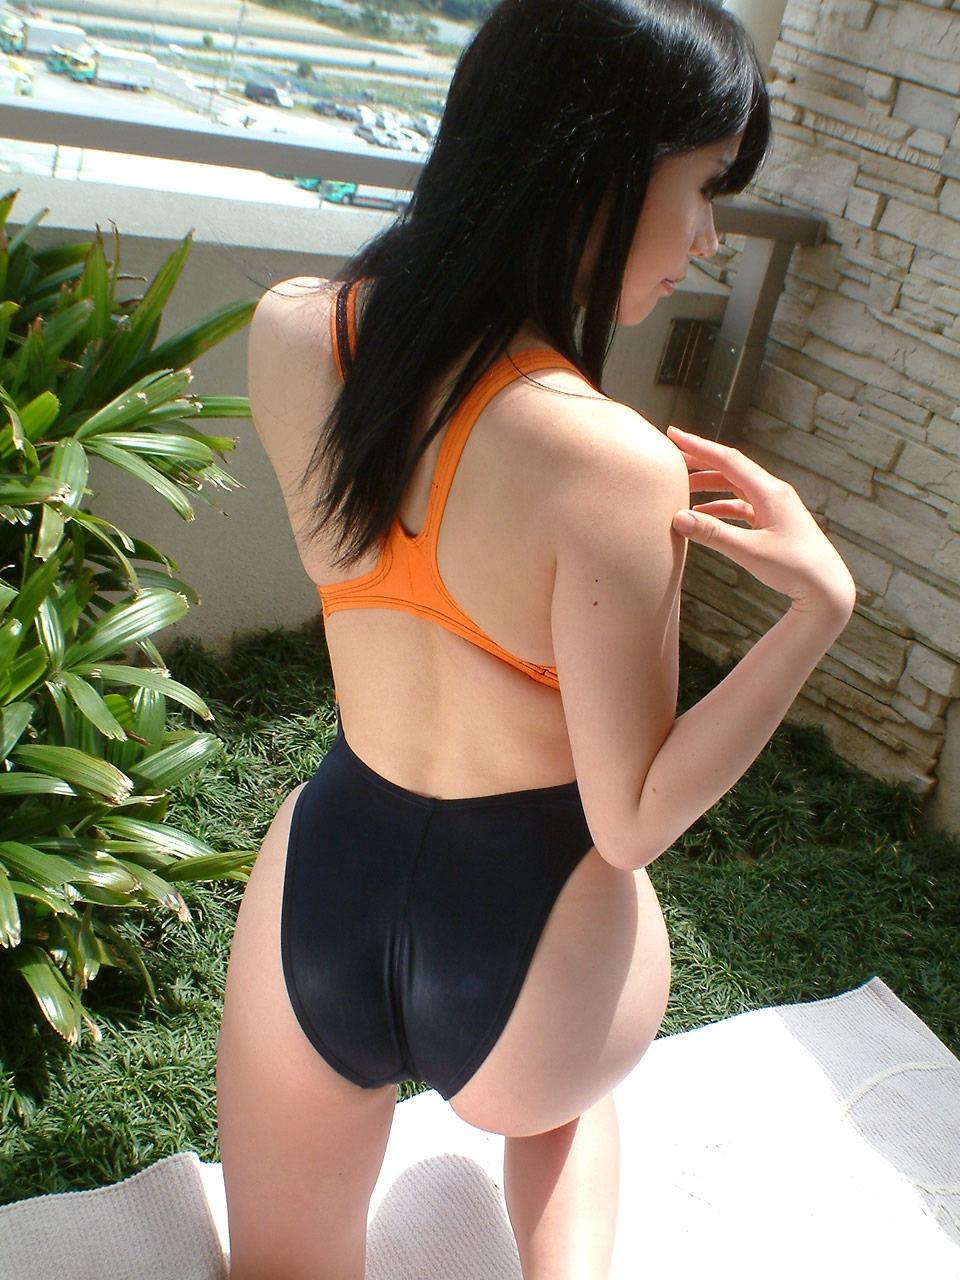 Emi Akane